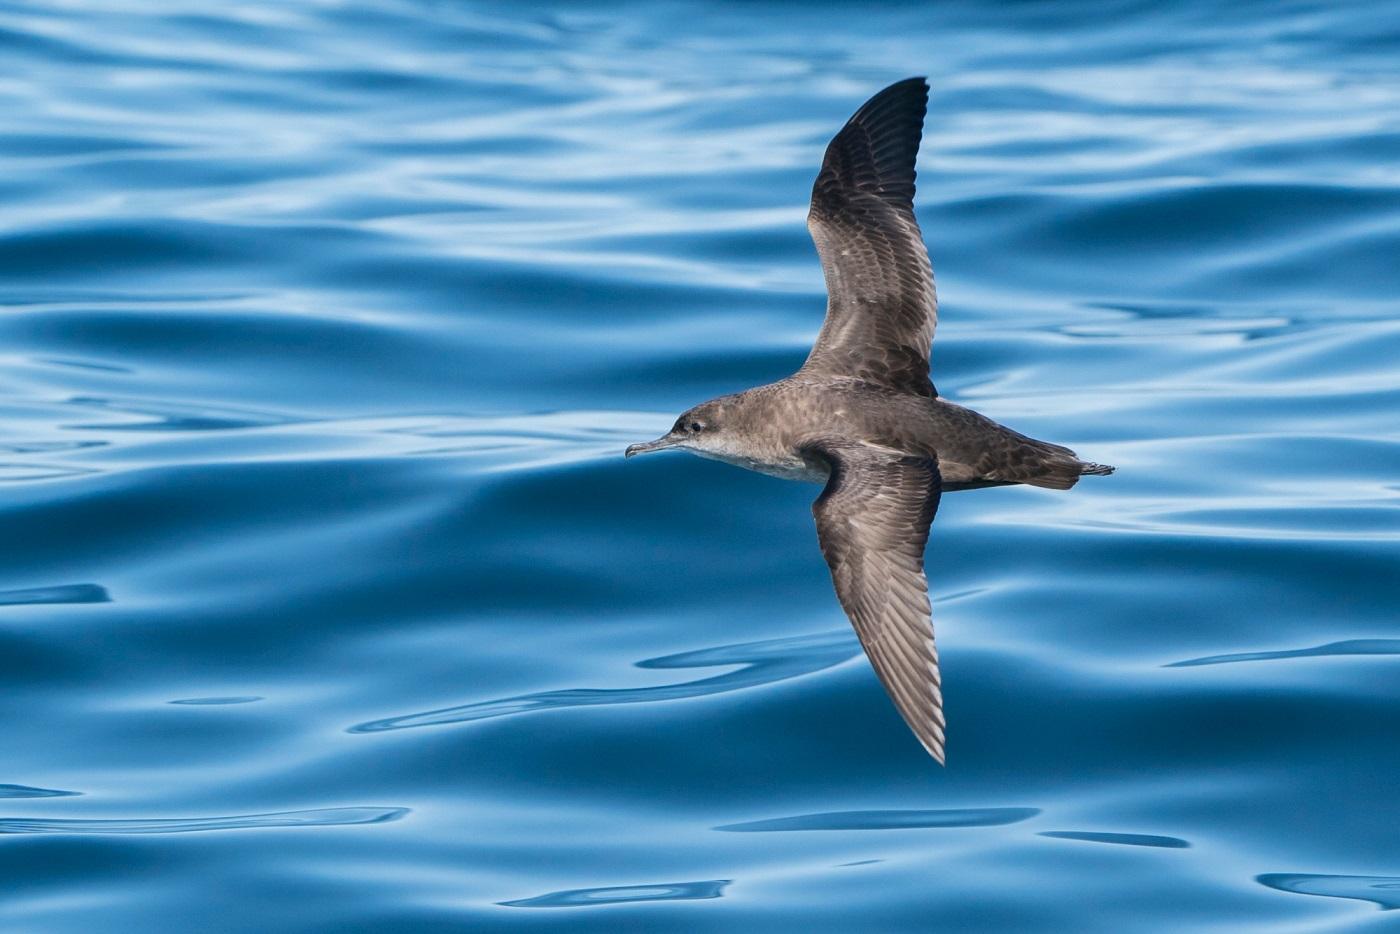 Vale pijlstormvogel zeevogels noordwest spanje